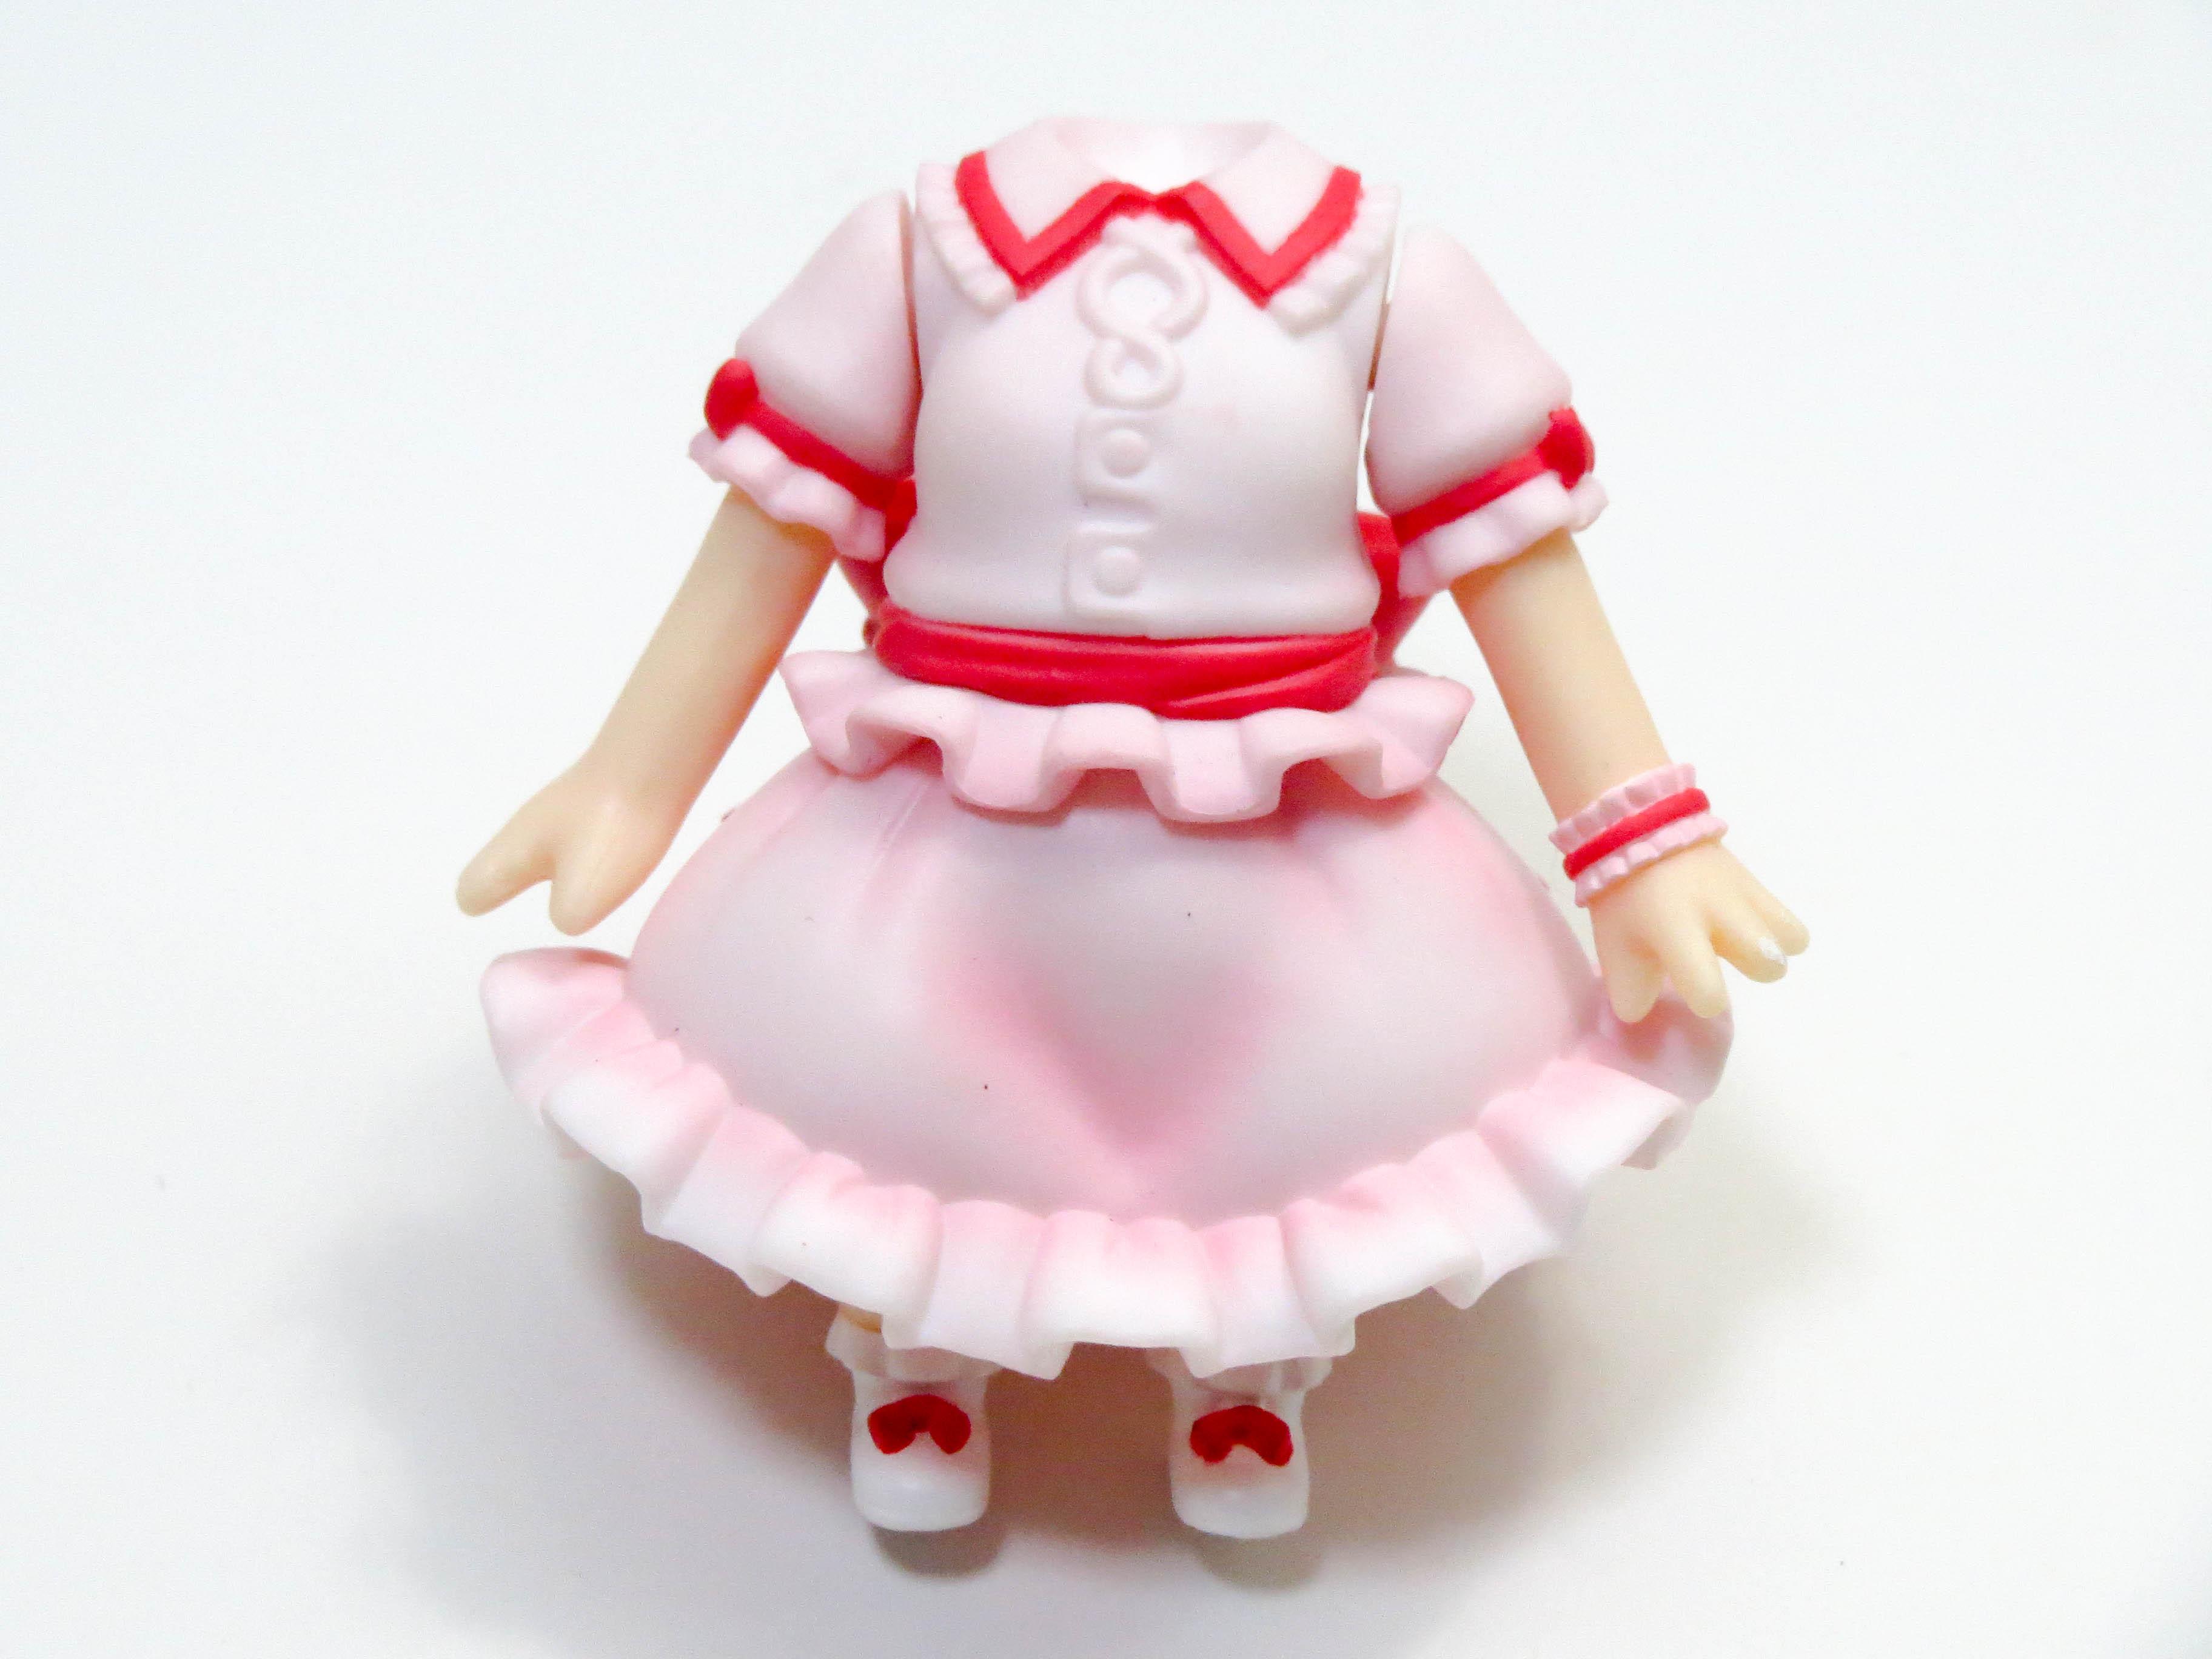 【115】 レミリア・スカーレット 体パーツ 私服 ねんどろいど